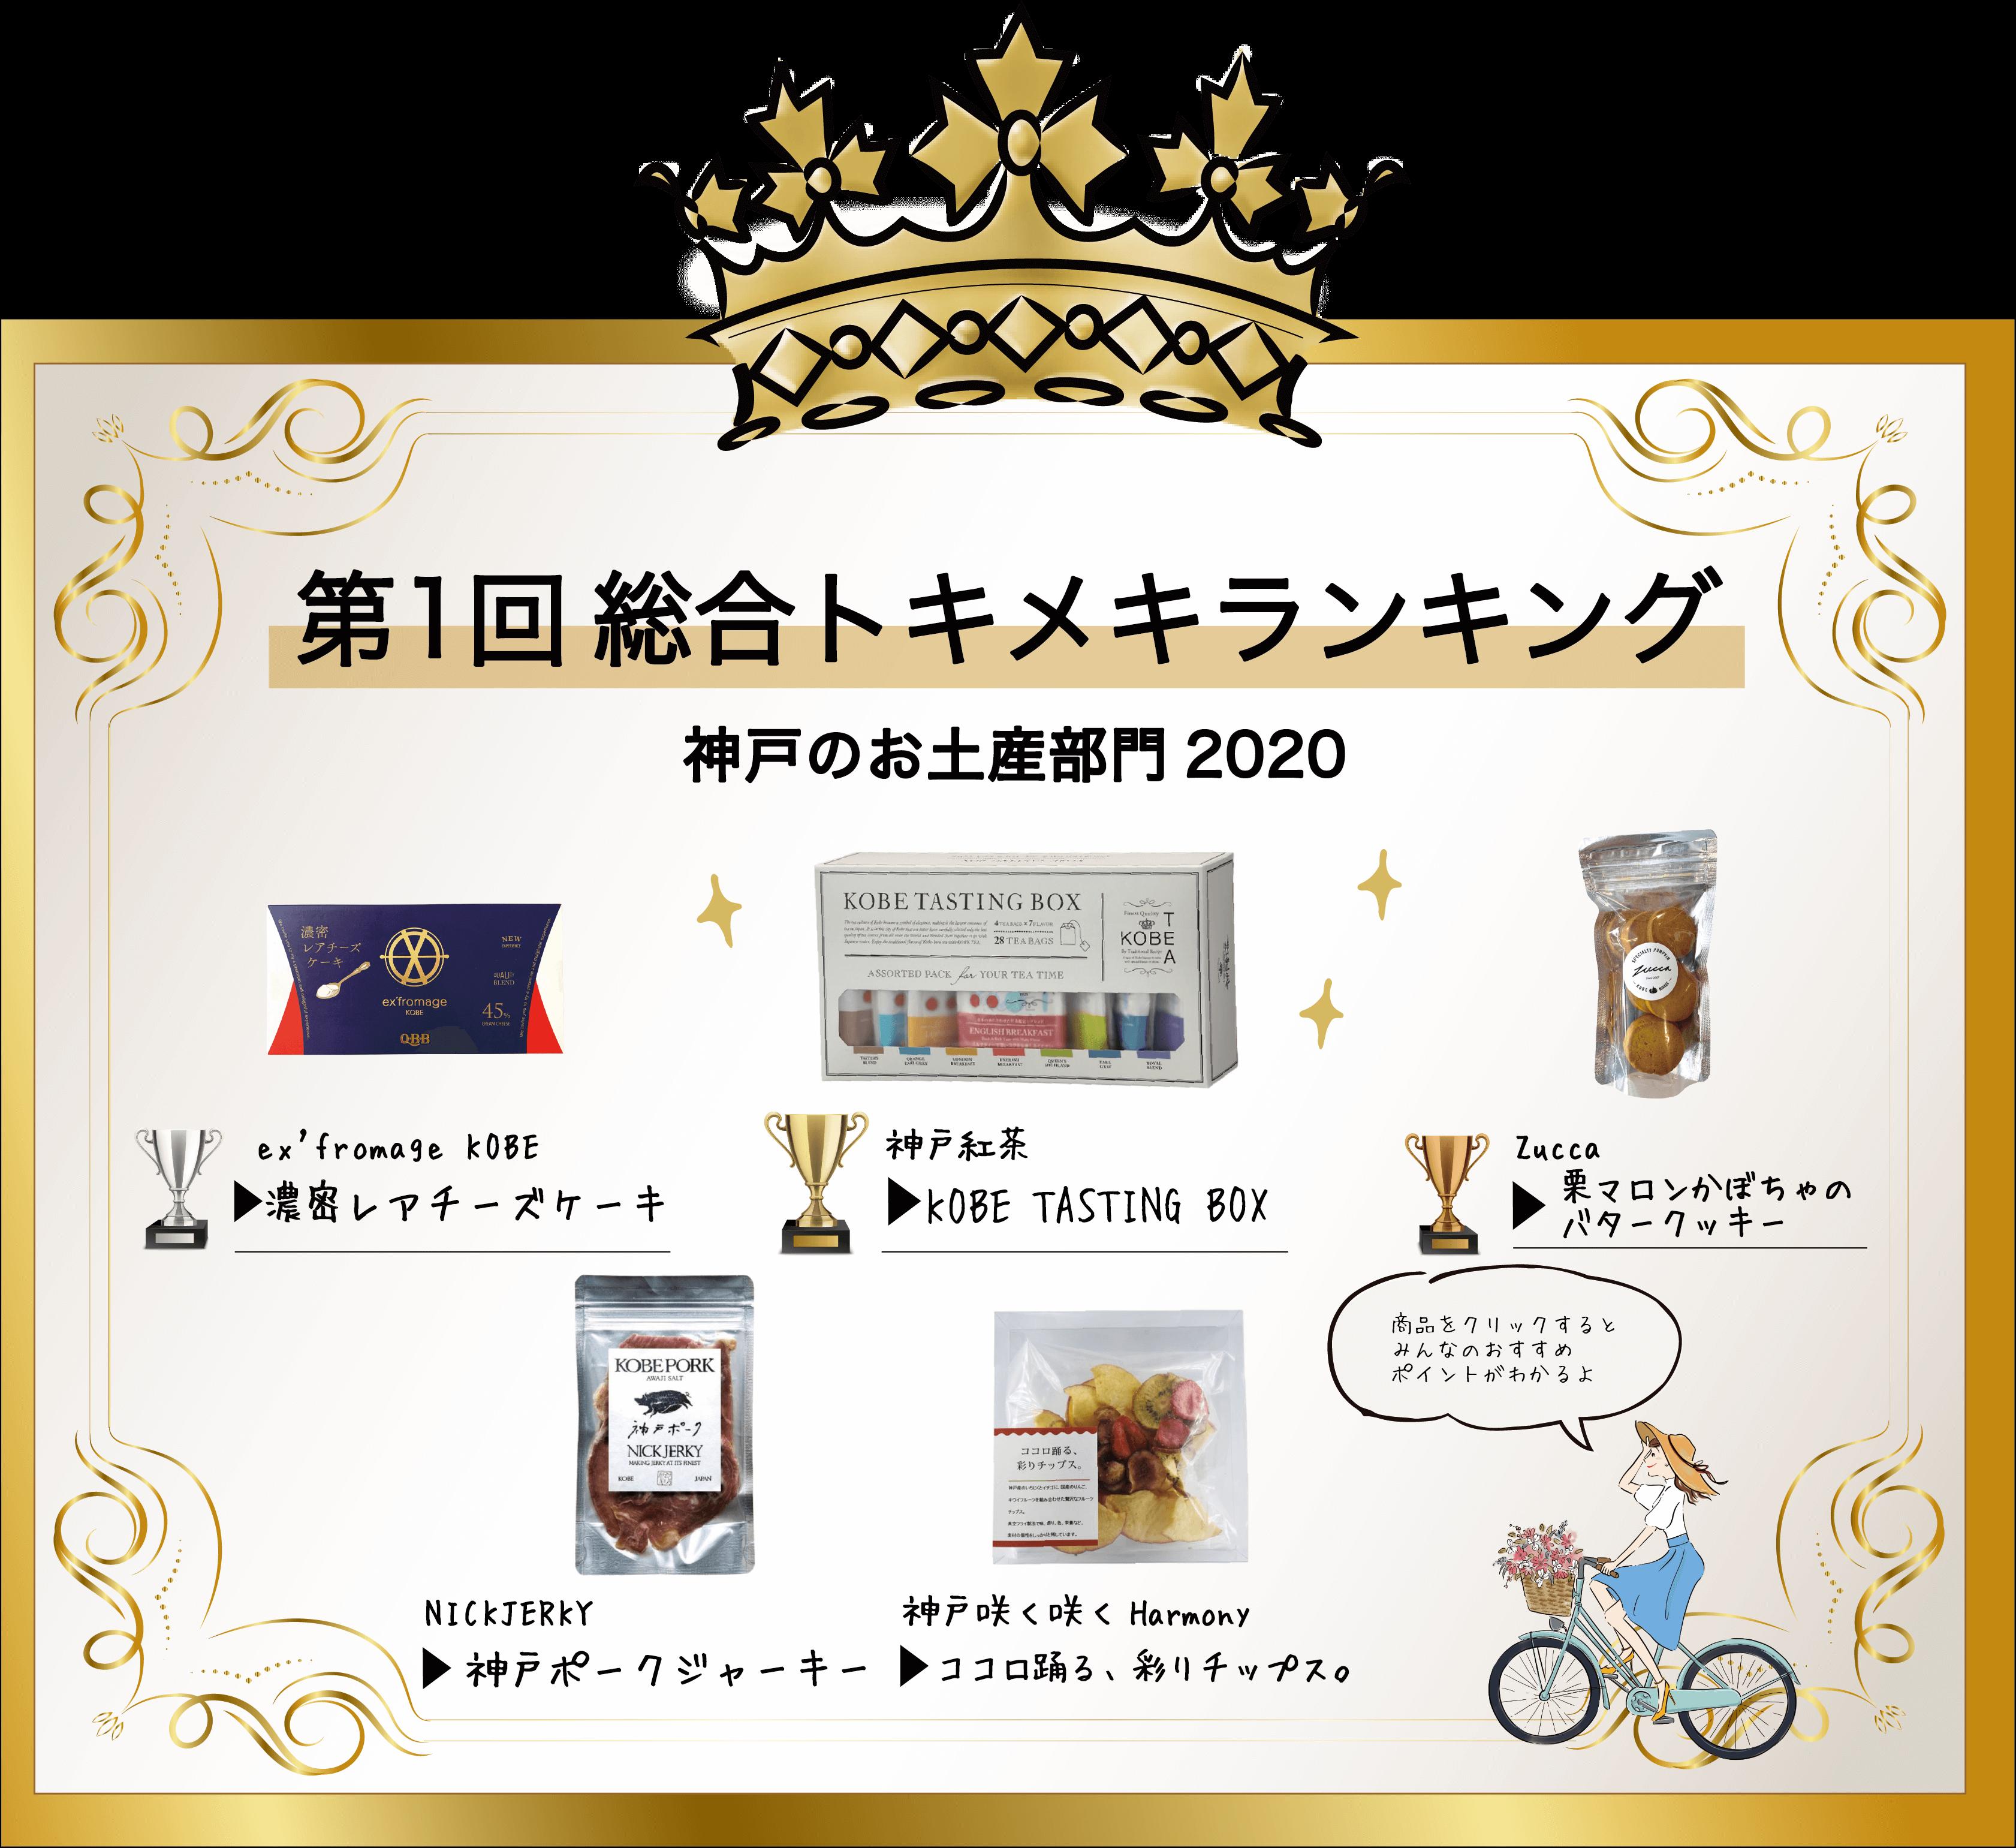 第1回 総合トキメキ ランキング 神戸のお土産部門2020